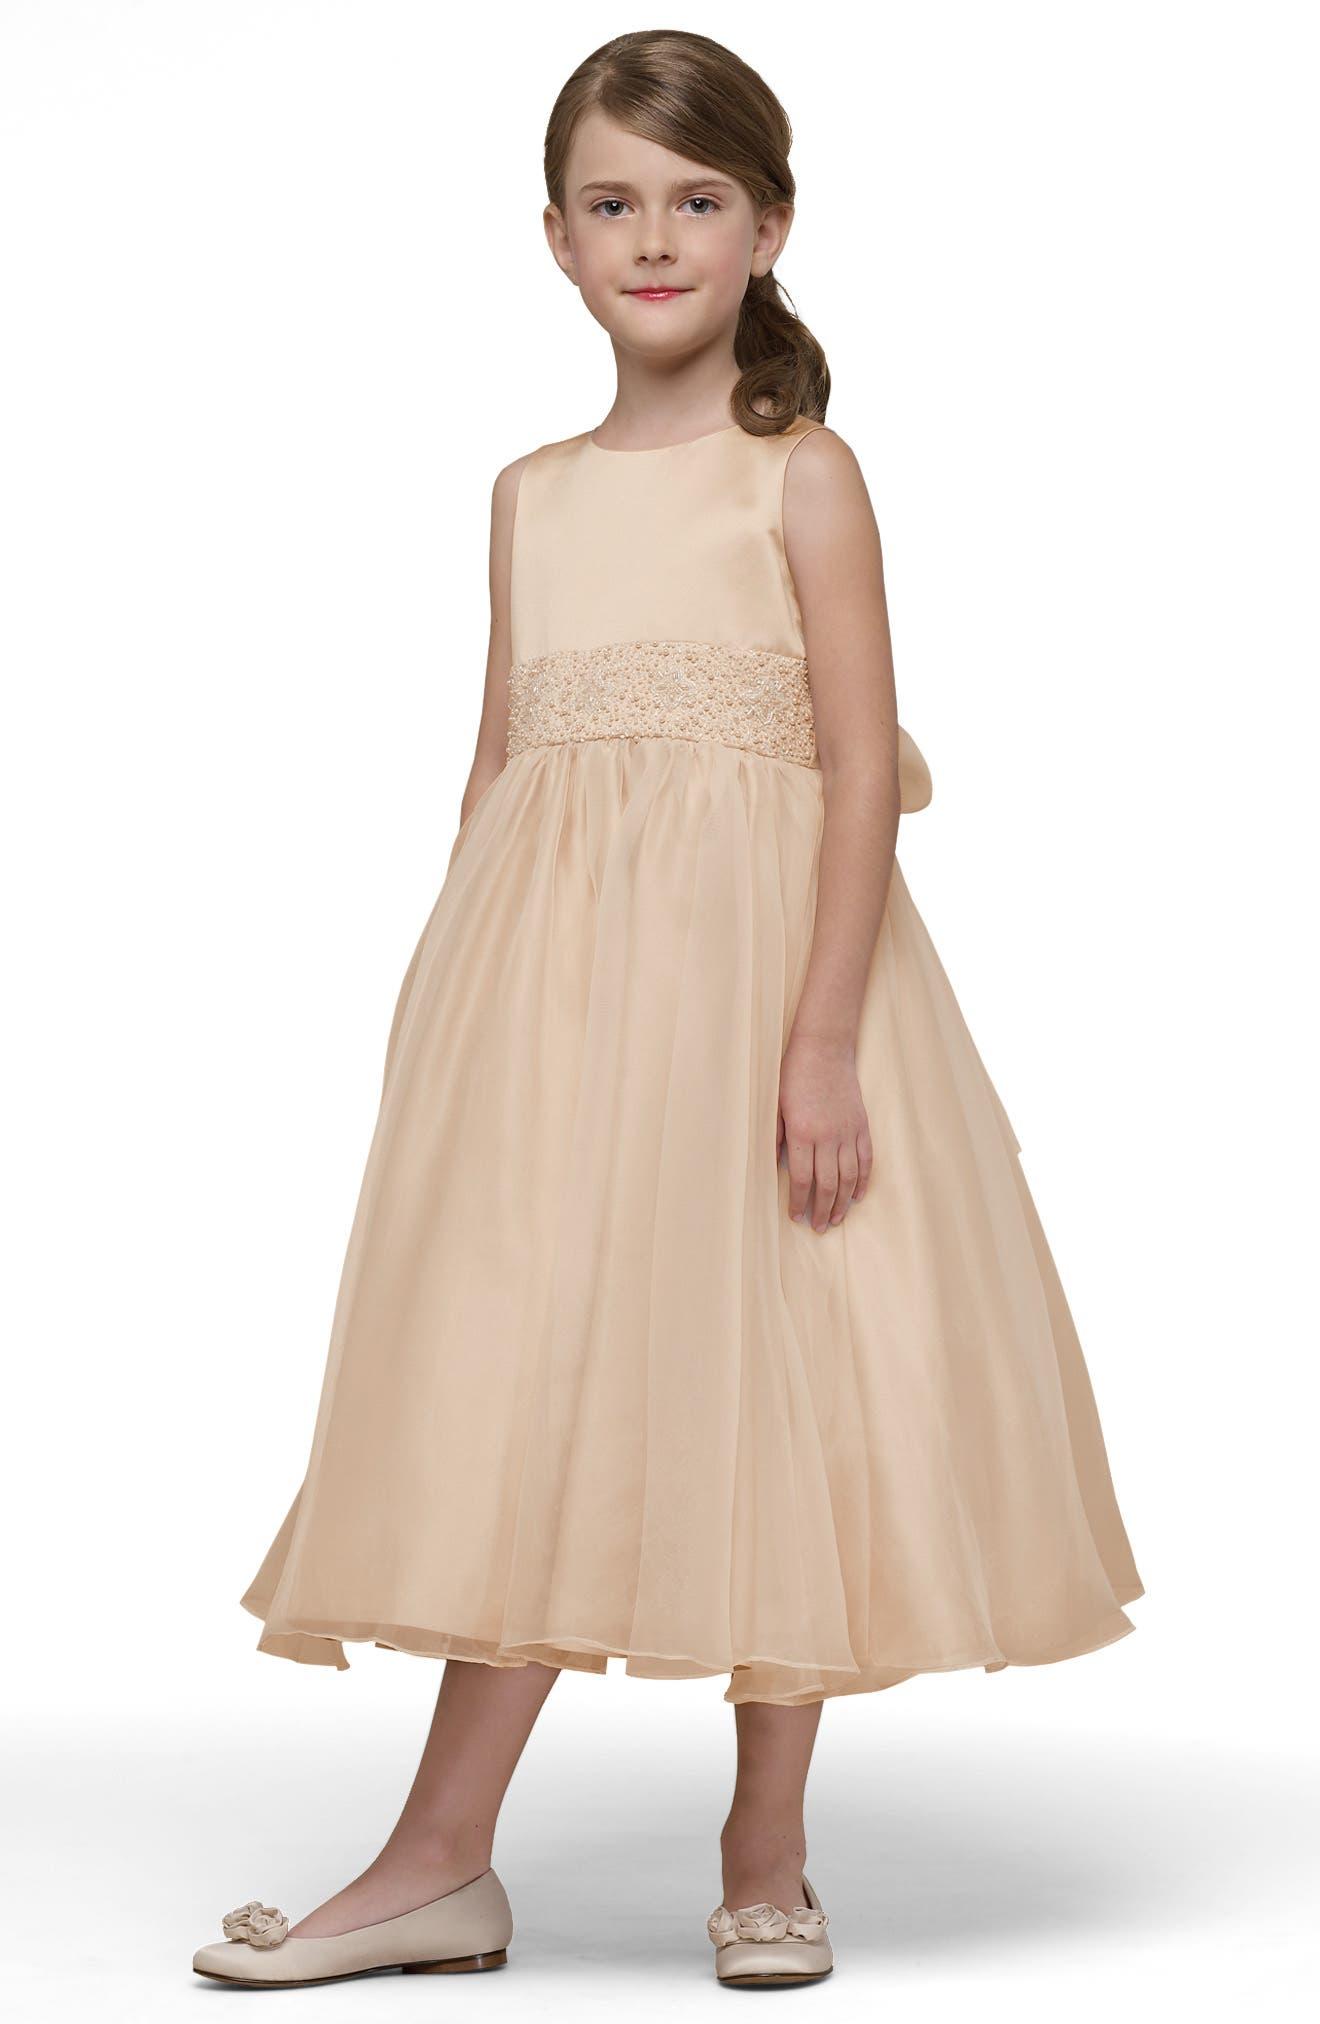 Beaded Satin Sleeveless Dress,                             Alternate thumbnail 4, color,                             CHAMPAGNE